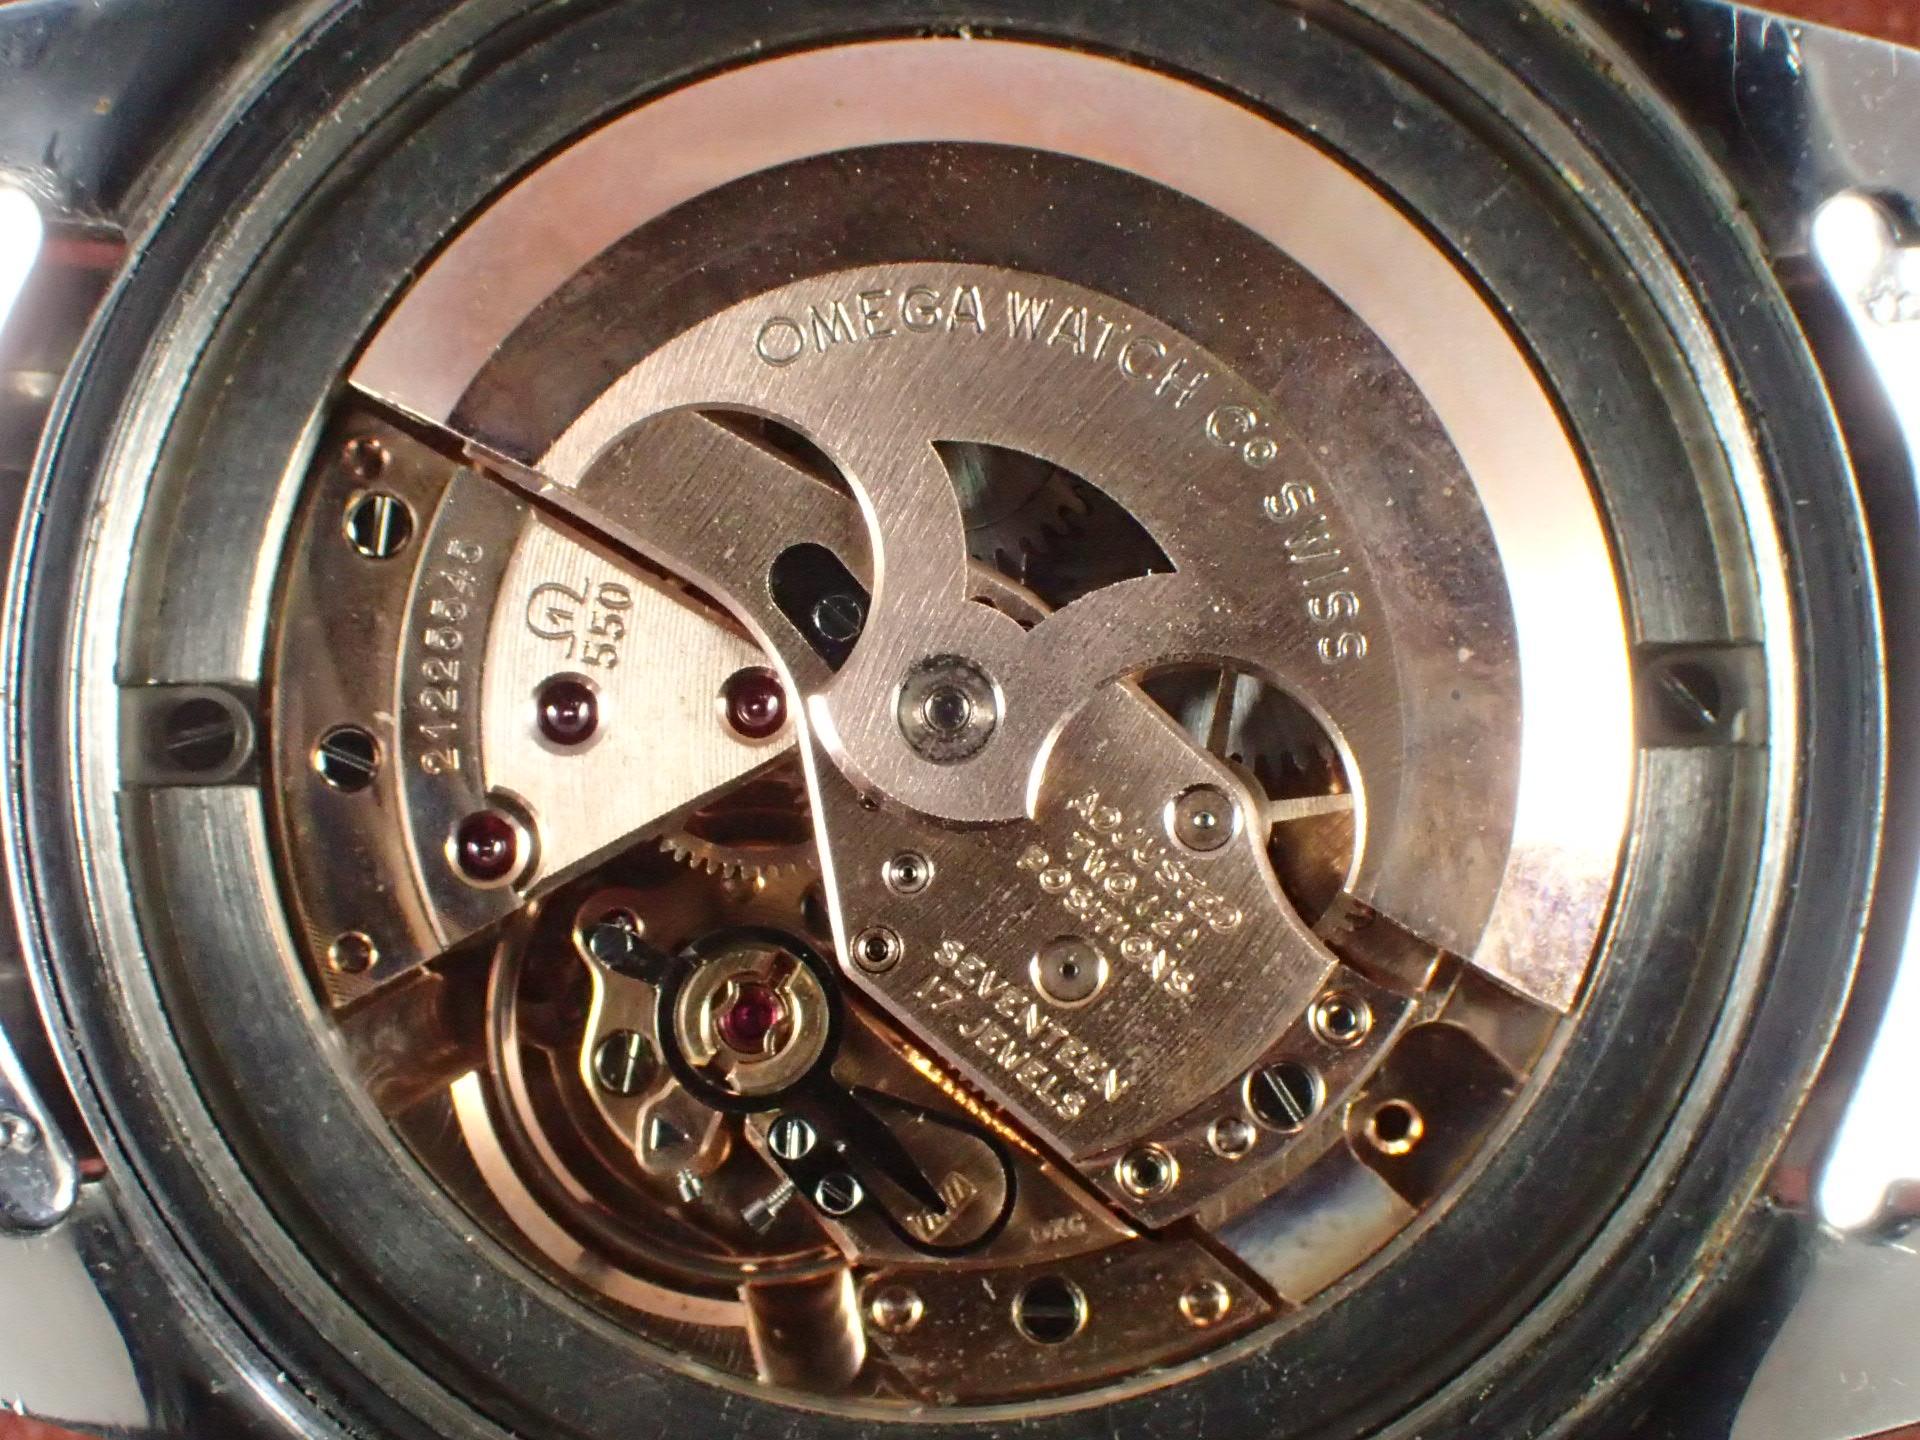 オメガ シーマスター300 セカンドモデル Ref.165.014-63 1960年代の写真5枚目